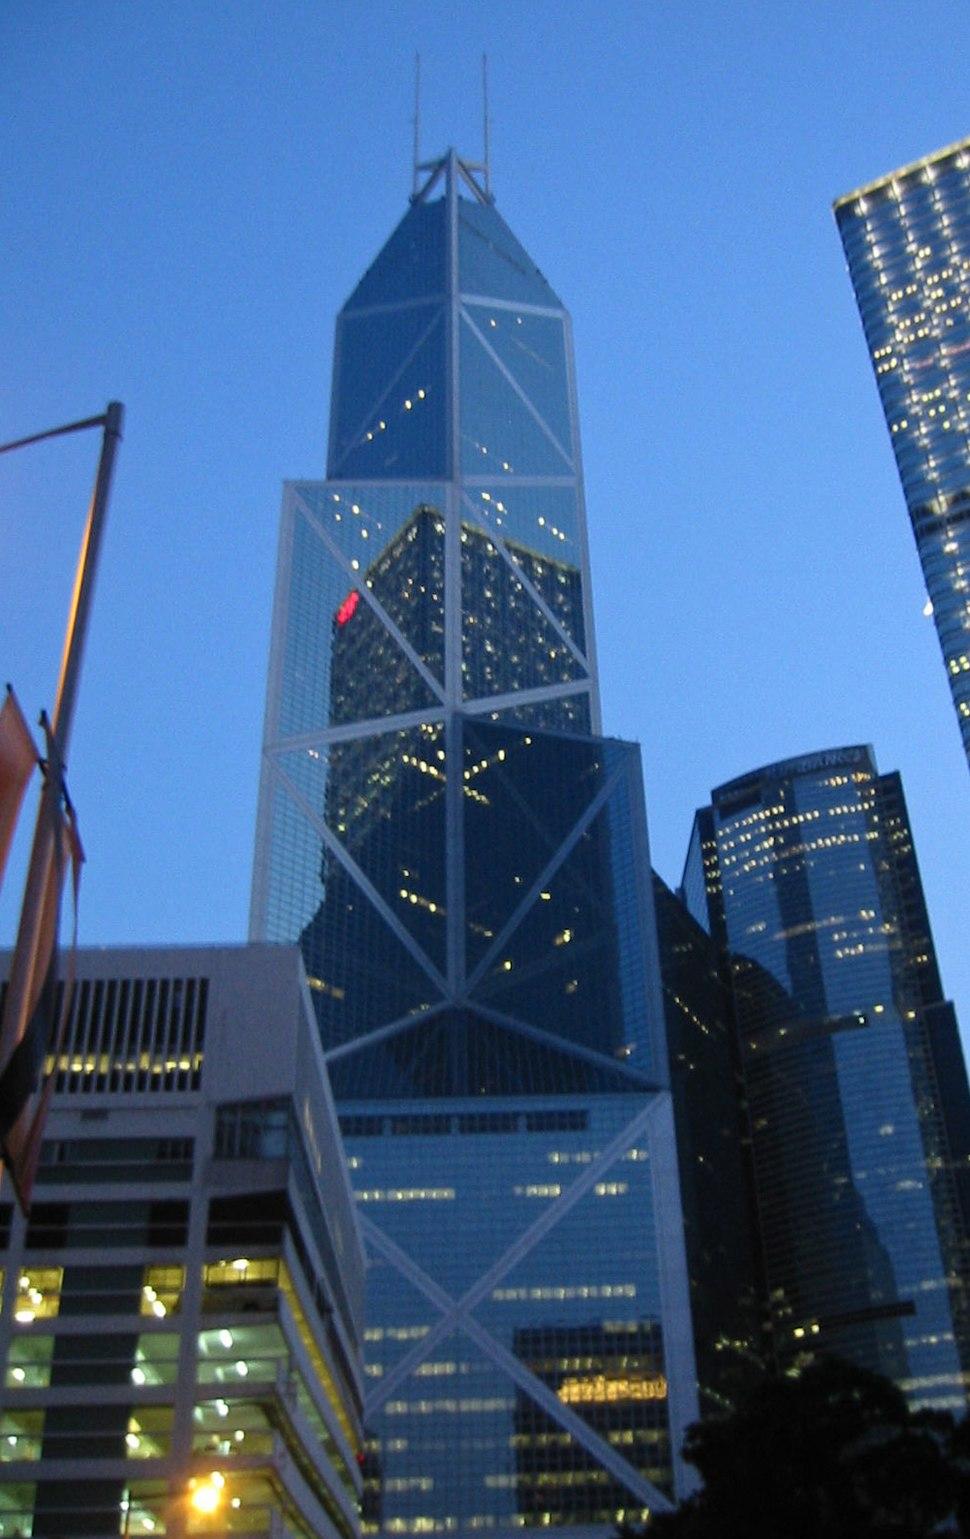 Bank of china night